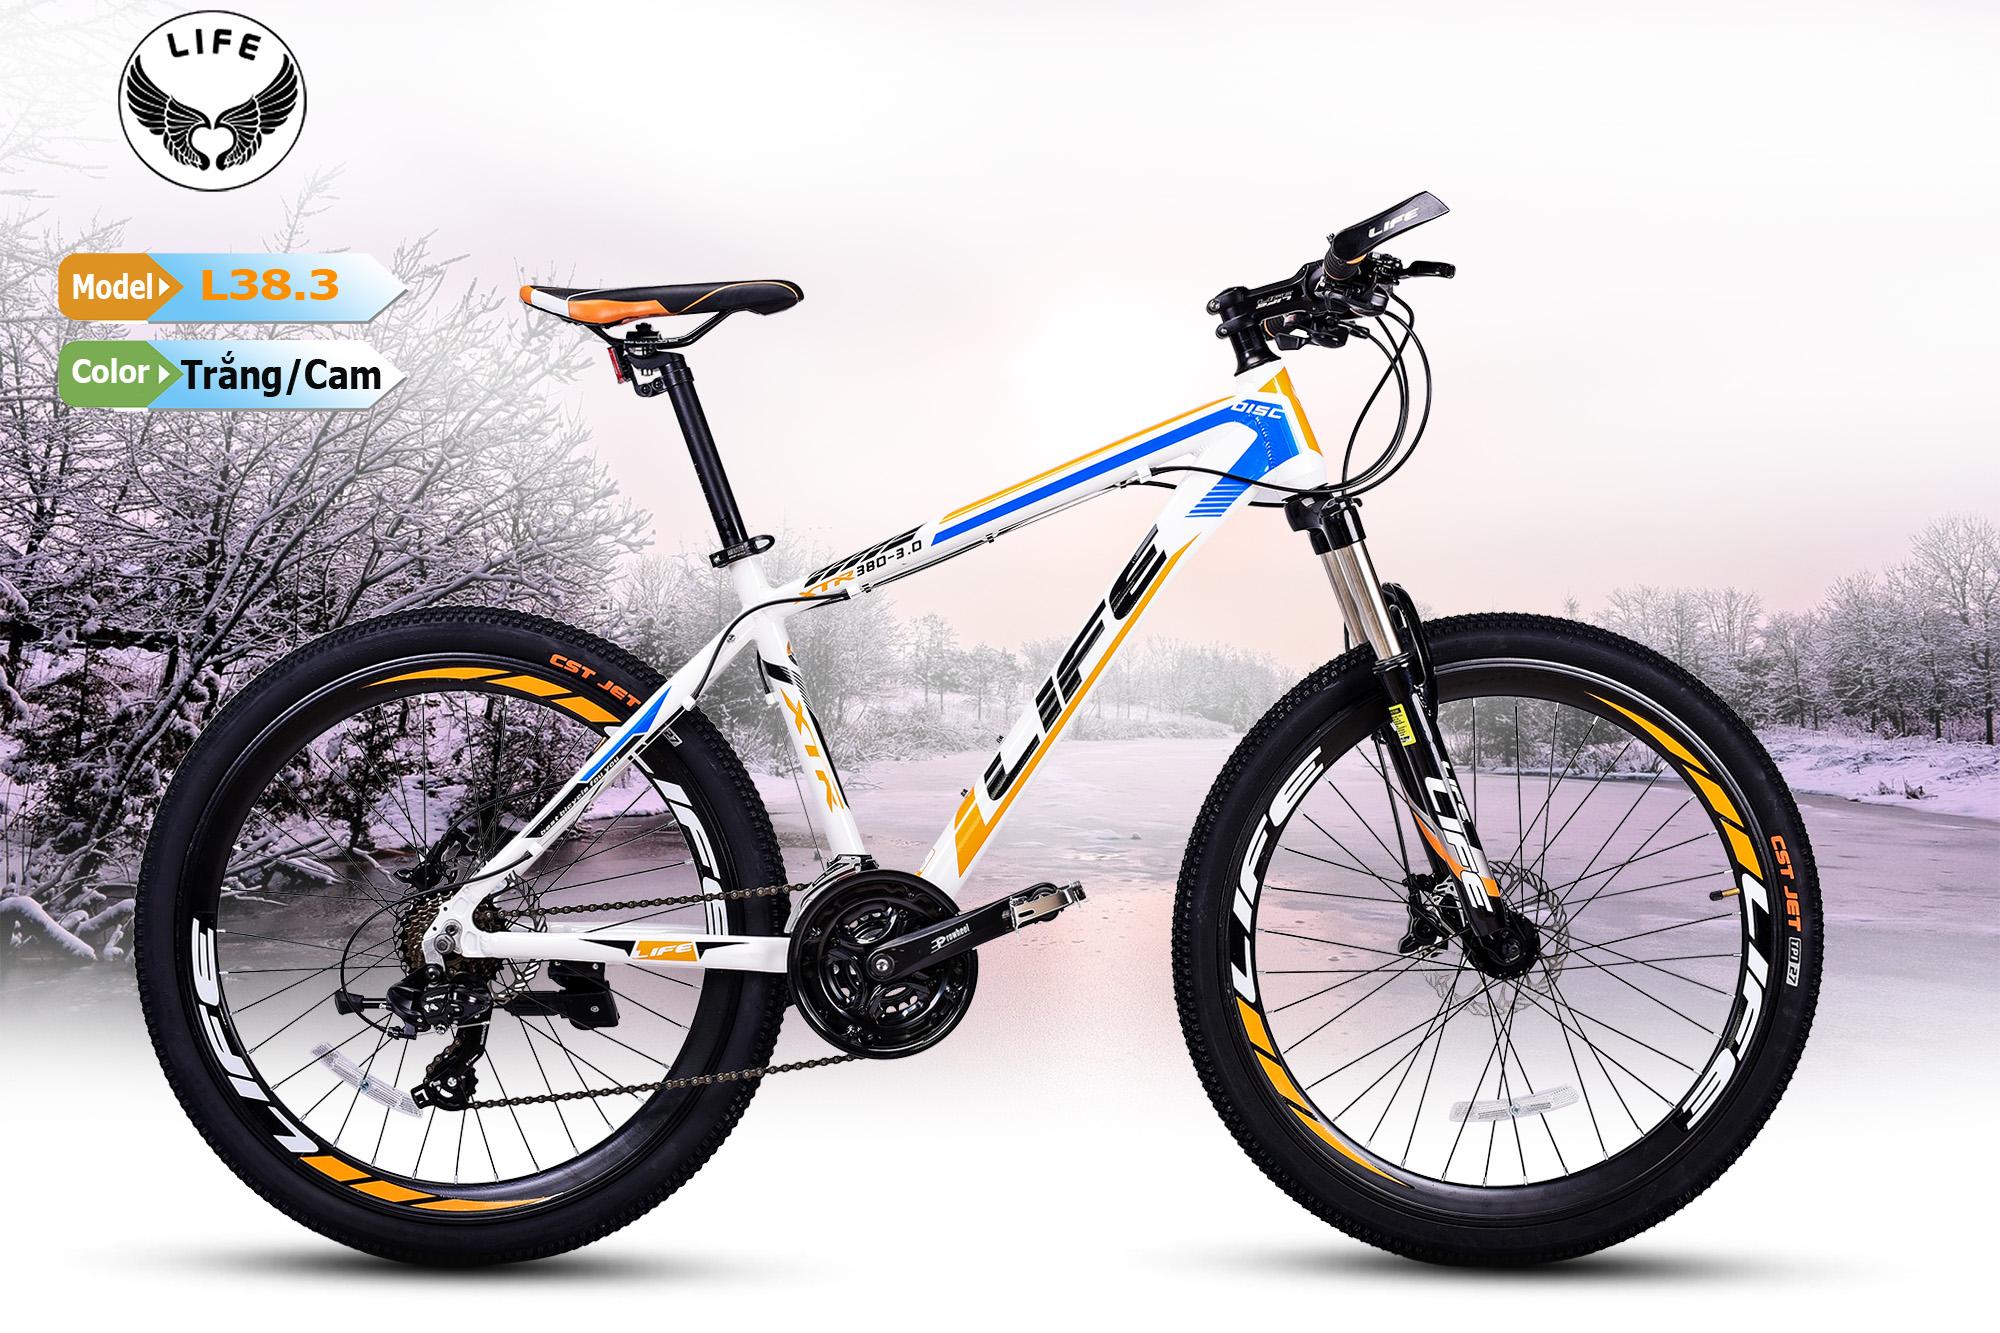 Xe đạp Life L38.3 trắng cam